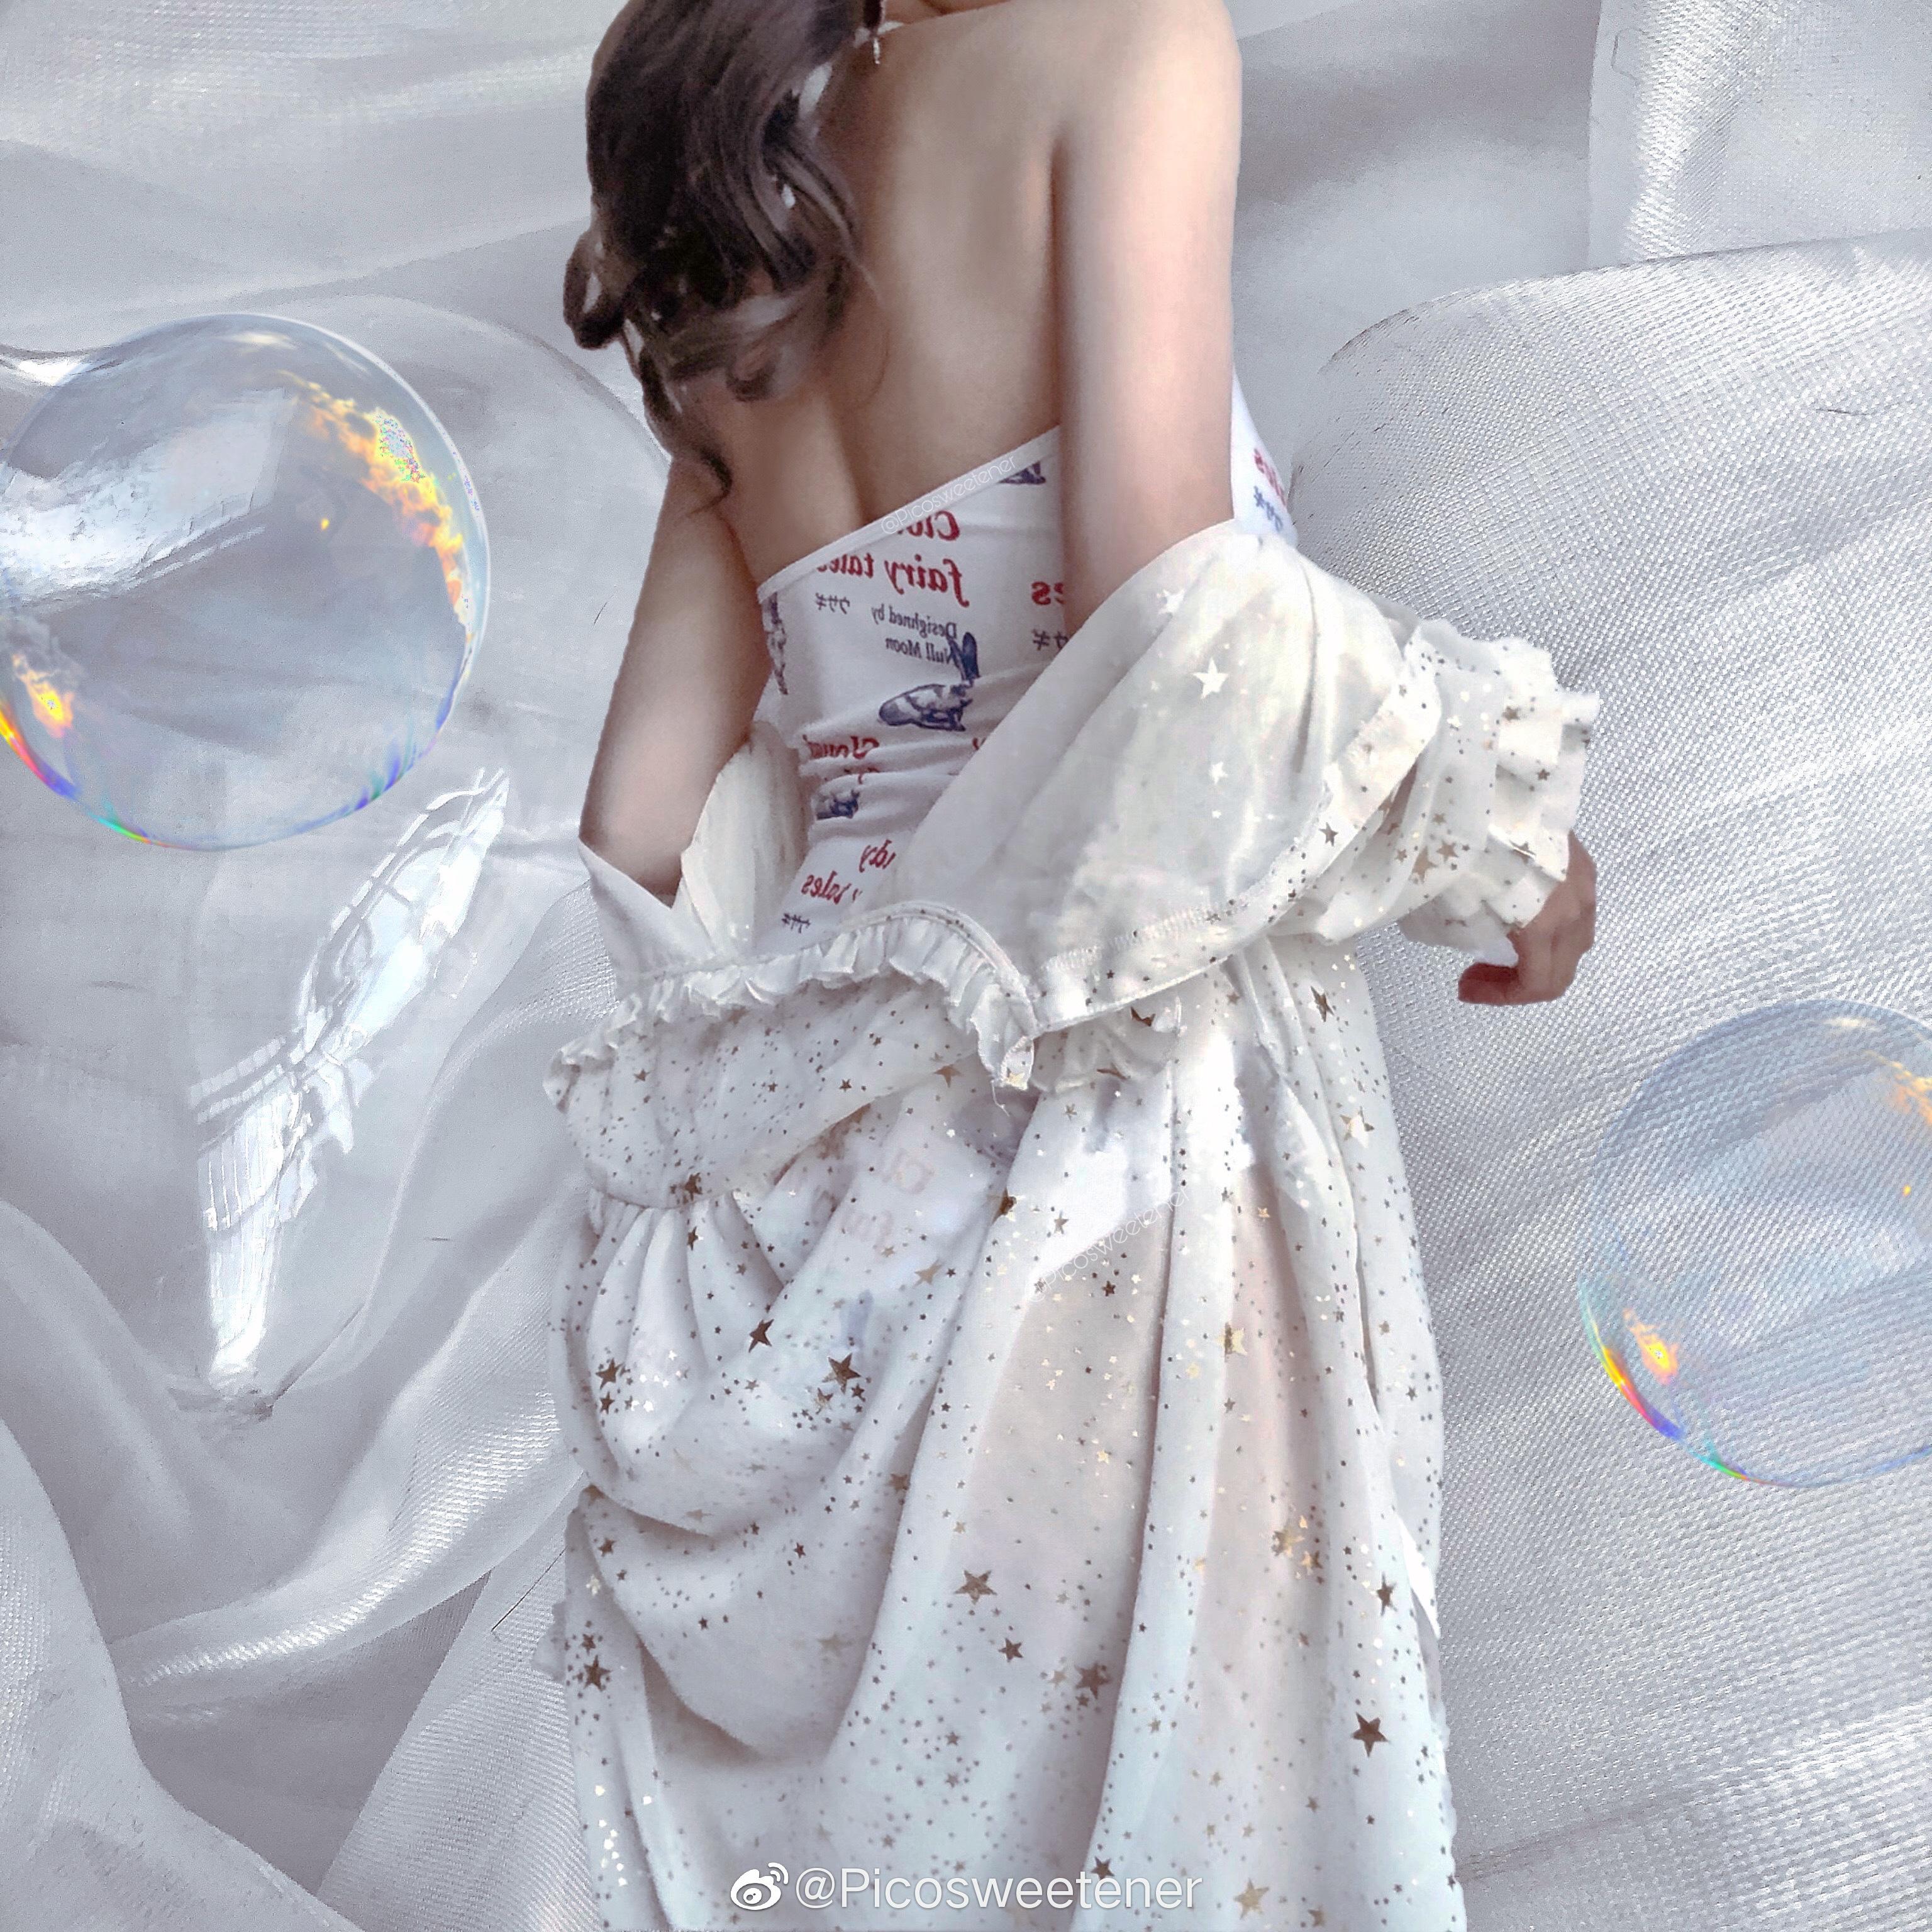 白兔糖水着限定 美女写真-第4张